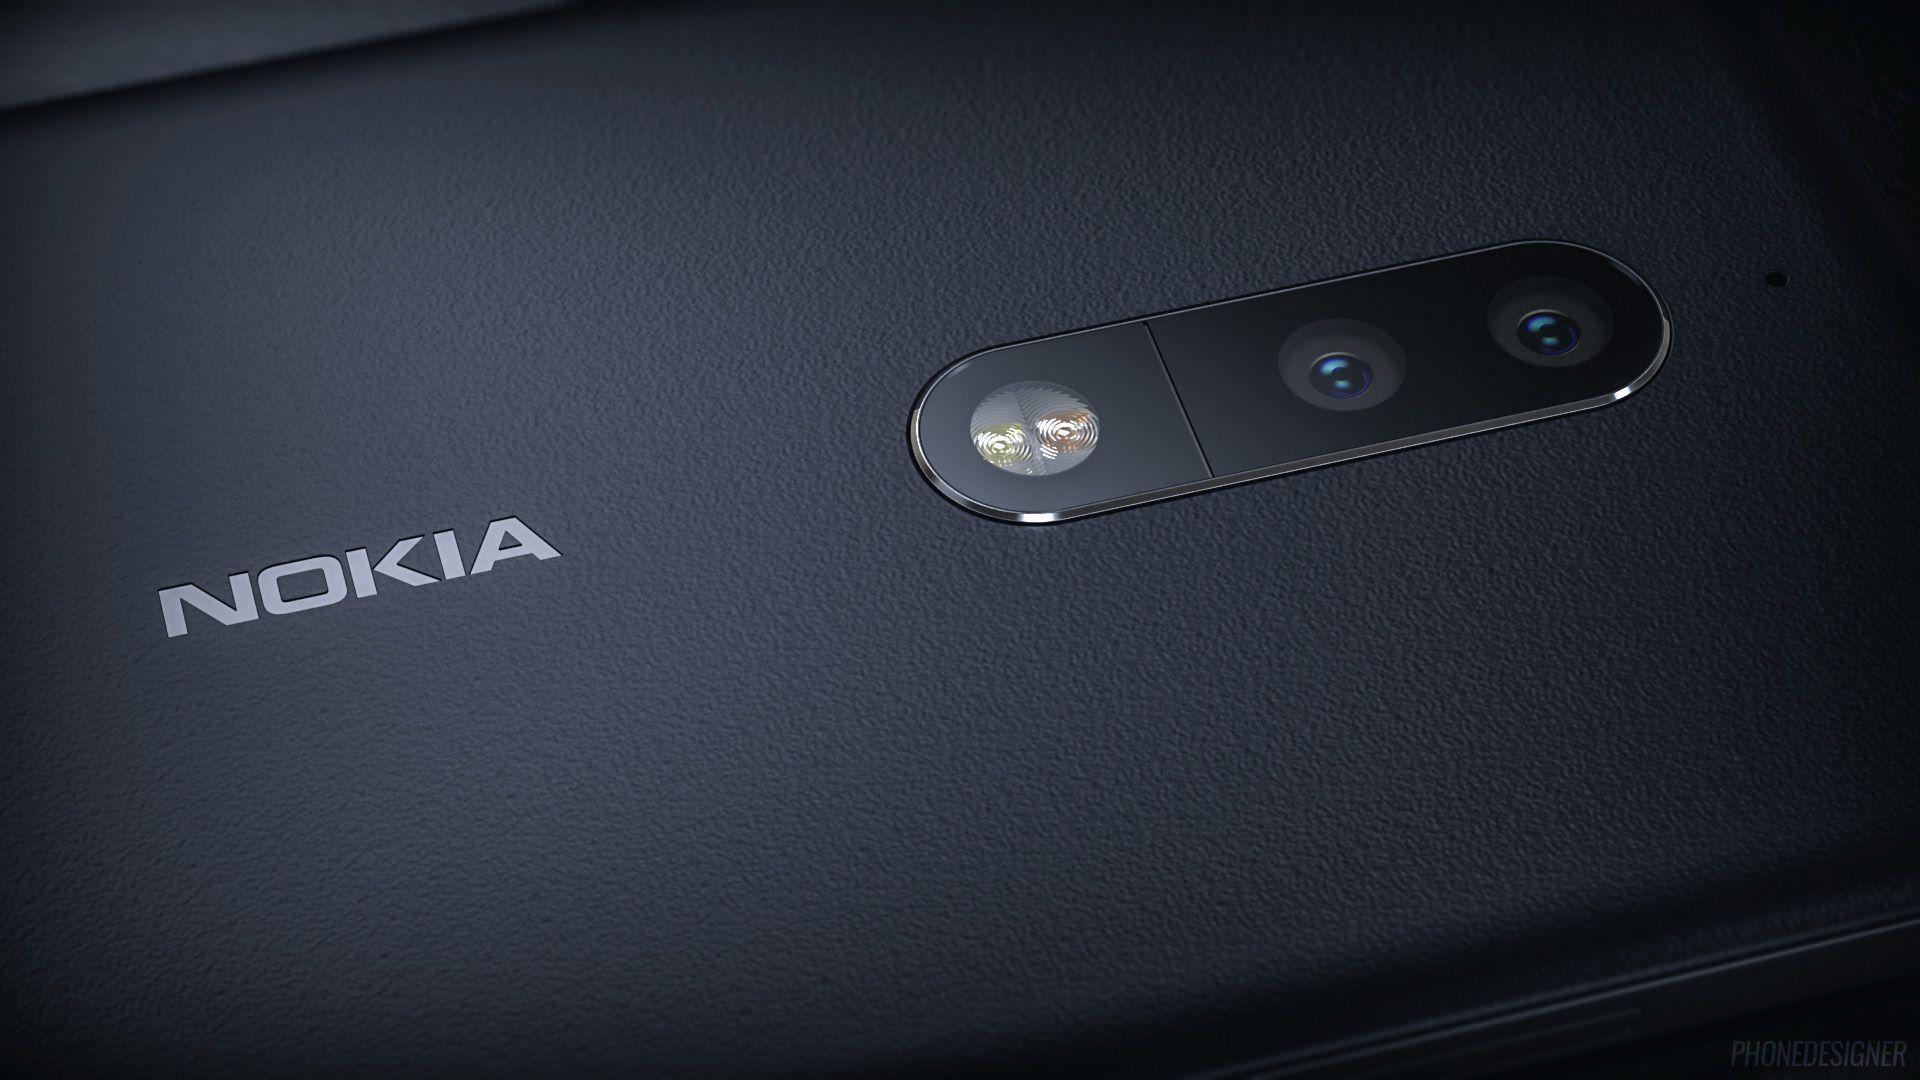 Đây là ảnh chi tiết Nokia 9 được dựng lại theo ý tưởng và tin rò rỉ